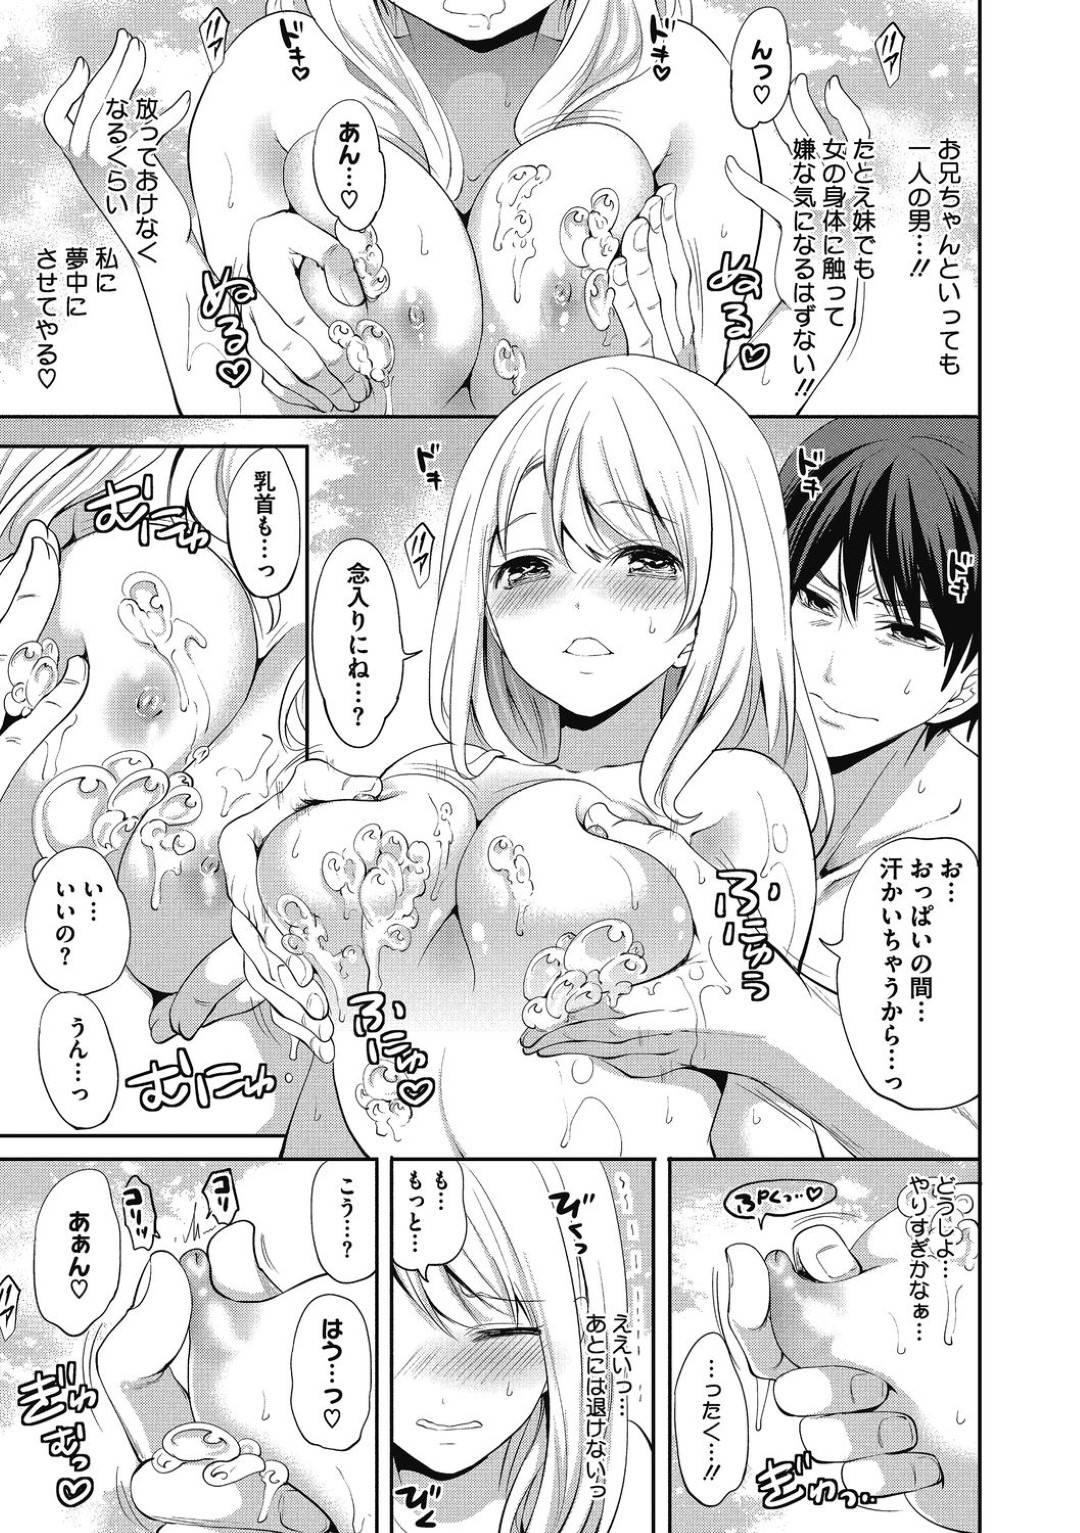 【エロ漫画】兄が風呂に入っているところに乱入してきた巨乳JK妹。彼の事が大好きな彼女は彼に強引に身体を洗わせてエッチな事を誘惑する!次第に誘惑に負けた彼は実の妹の乳首を責めたり、手マンするようになり、流れで近親相姦へと発展する。